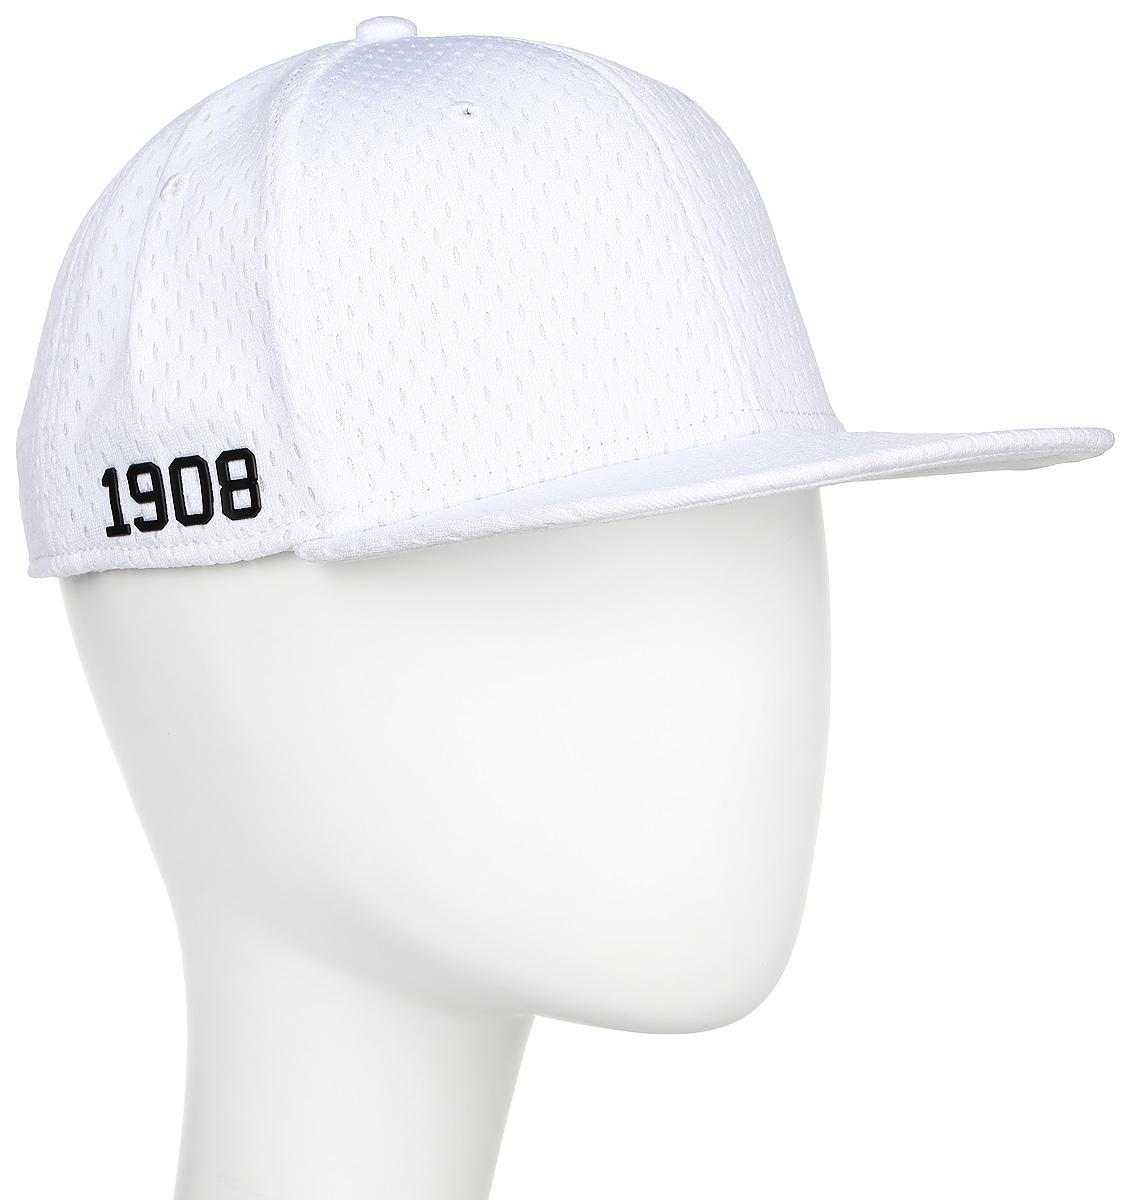 Бейсболка Converse Athletic Mesh Snapback, цвет: белый. 529332. Размер универсальный529332Стильная бейсболка Converse идеально подойдет для прогулок, занятий спортом и отдыха. Бейсболка, выполненная из полиэстера, надежно защитит вас от солнца и ветра. Модель имеет специальные вентиляционные отверстия. Объем бейсболки регулируется при помощи пластикового фиксатора.